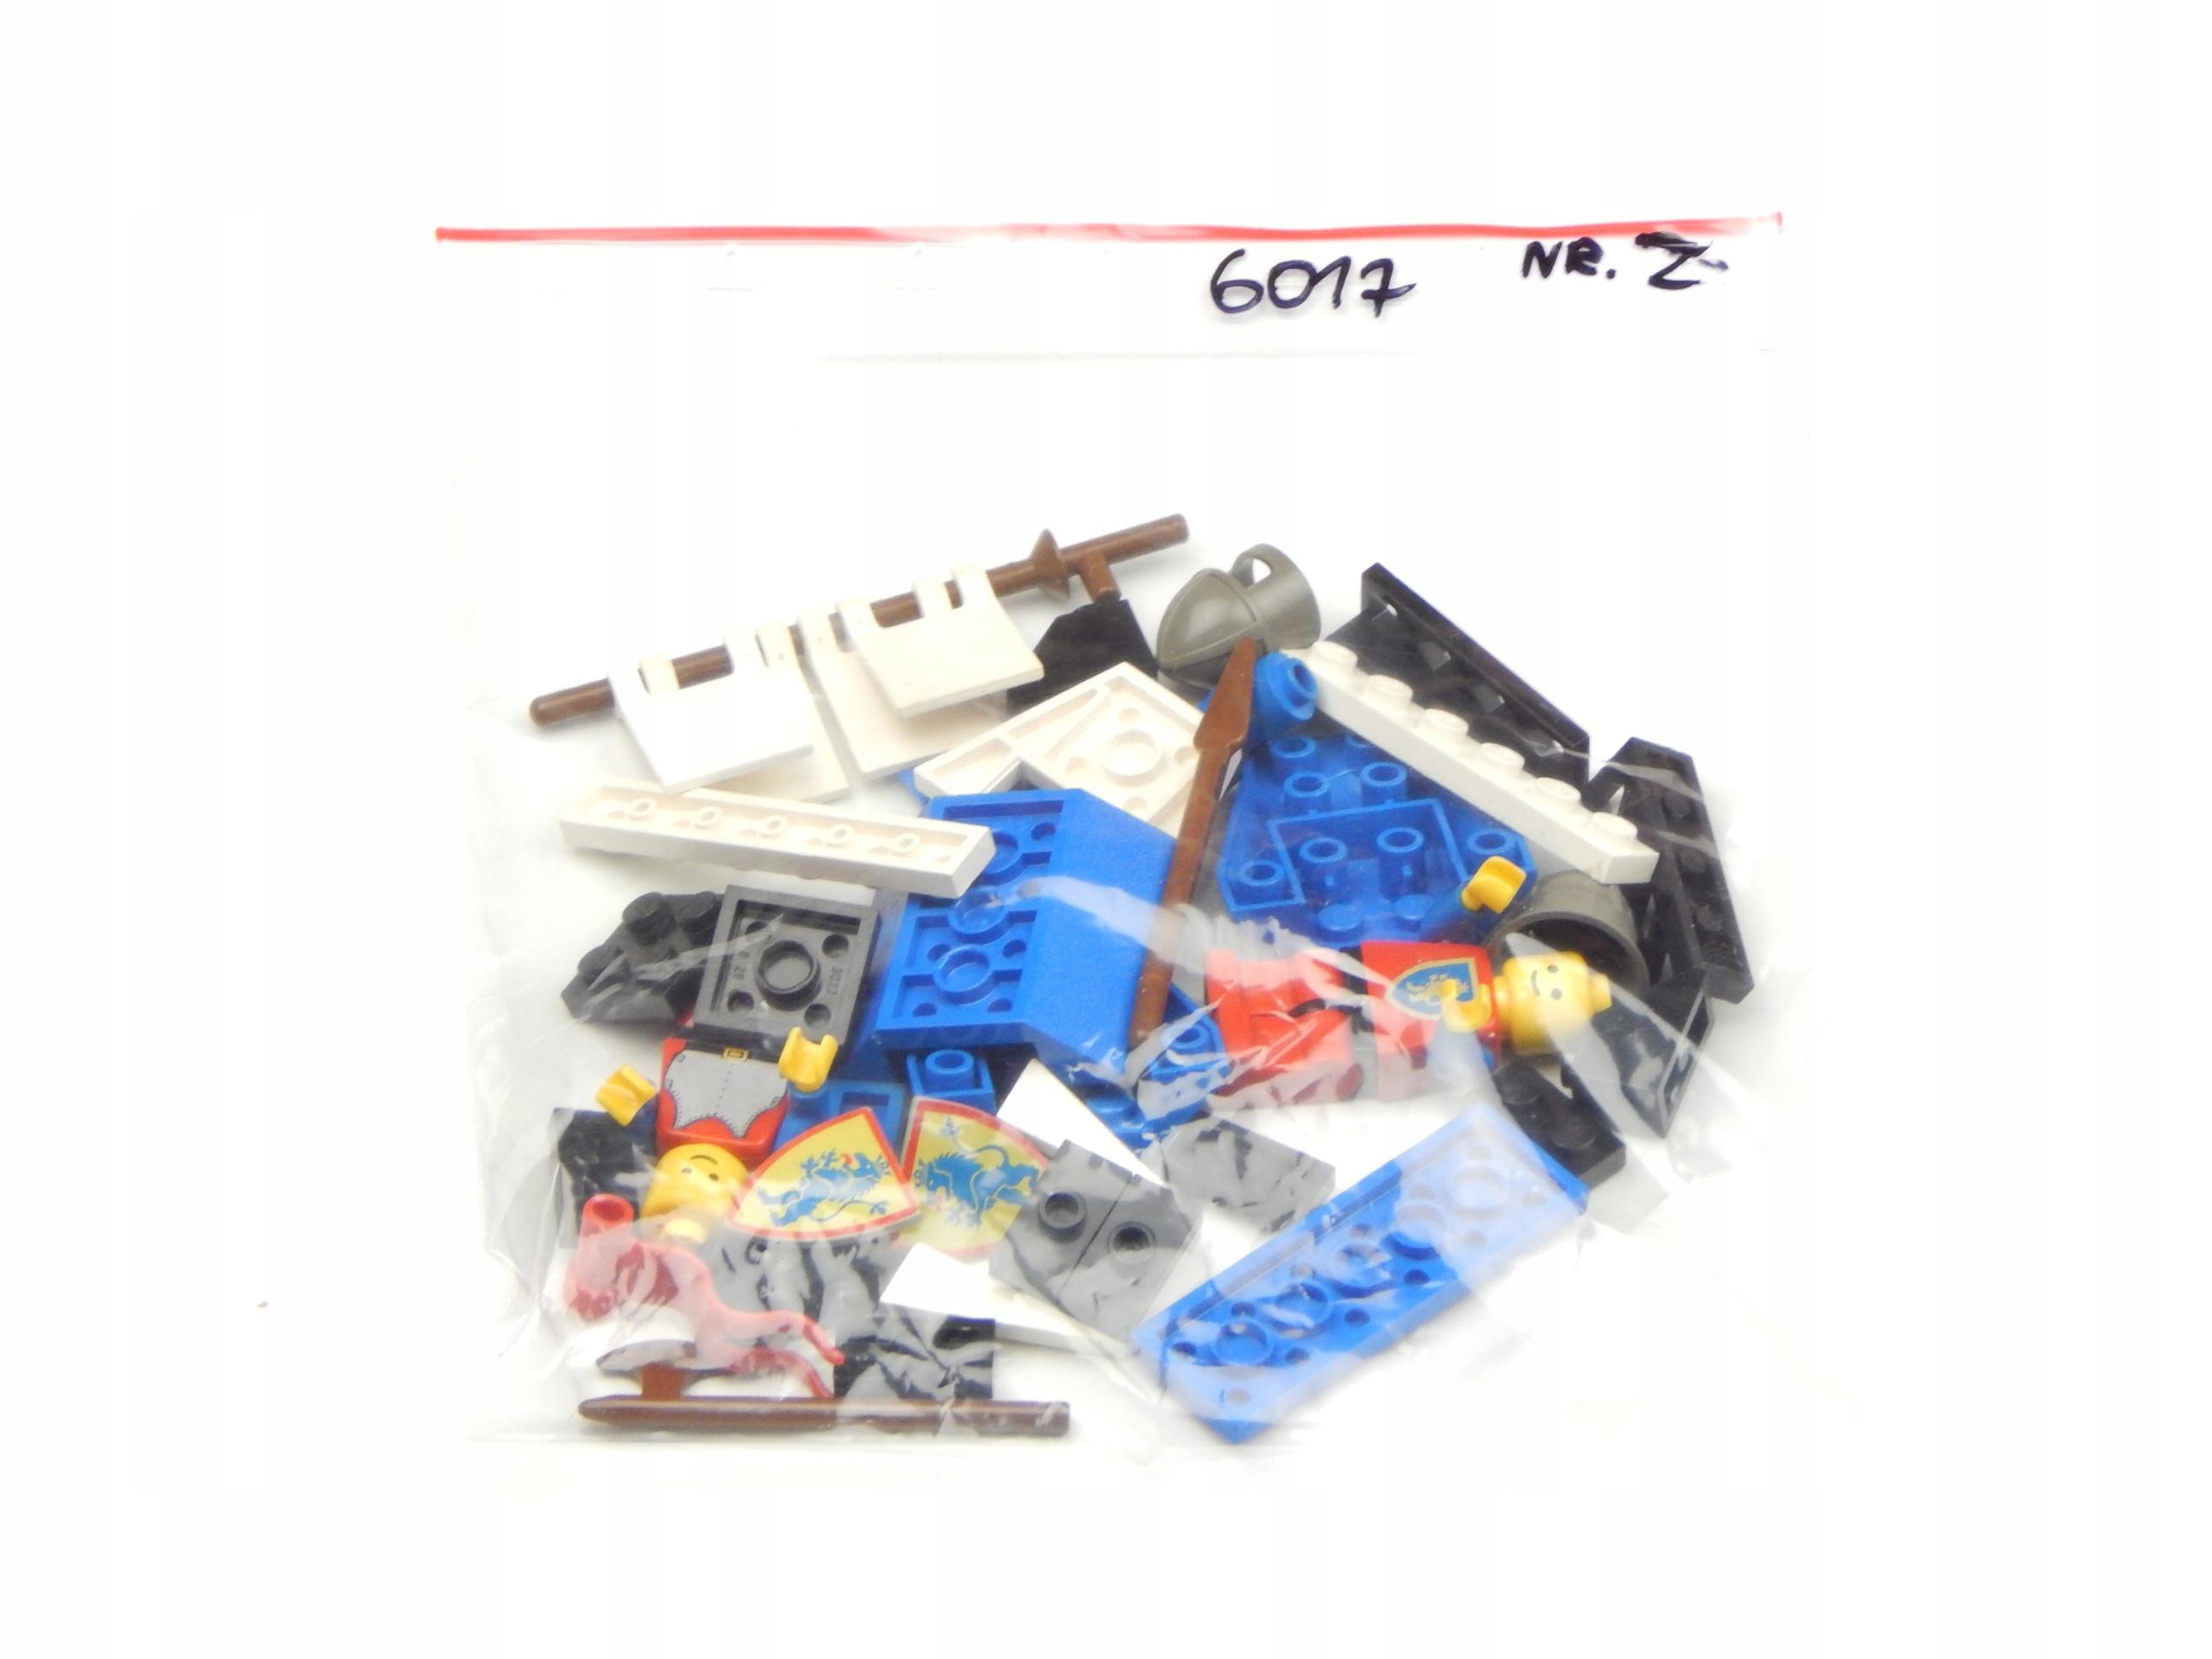 LEGO SET 6017 CASTLE UNIKAT STAN